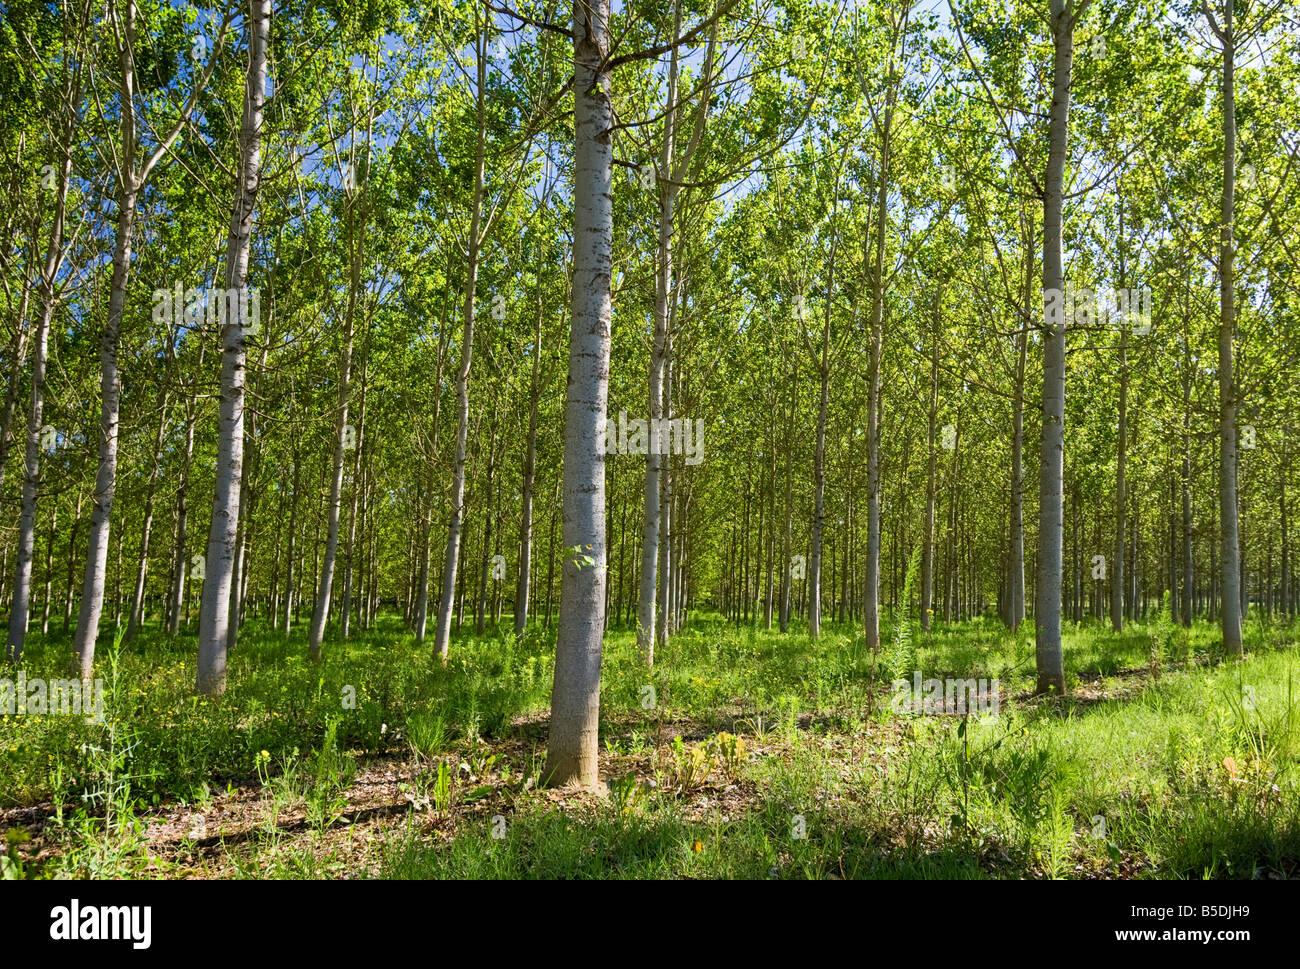 Silver Birch trees, Tarn et Garonne, Southwest France, Europe - Stock Image